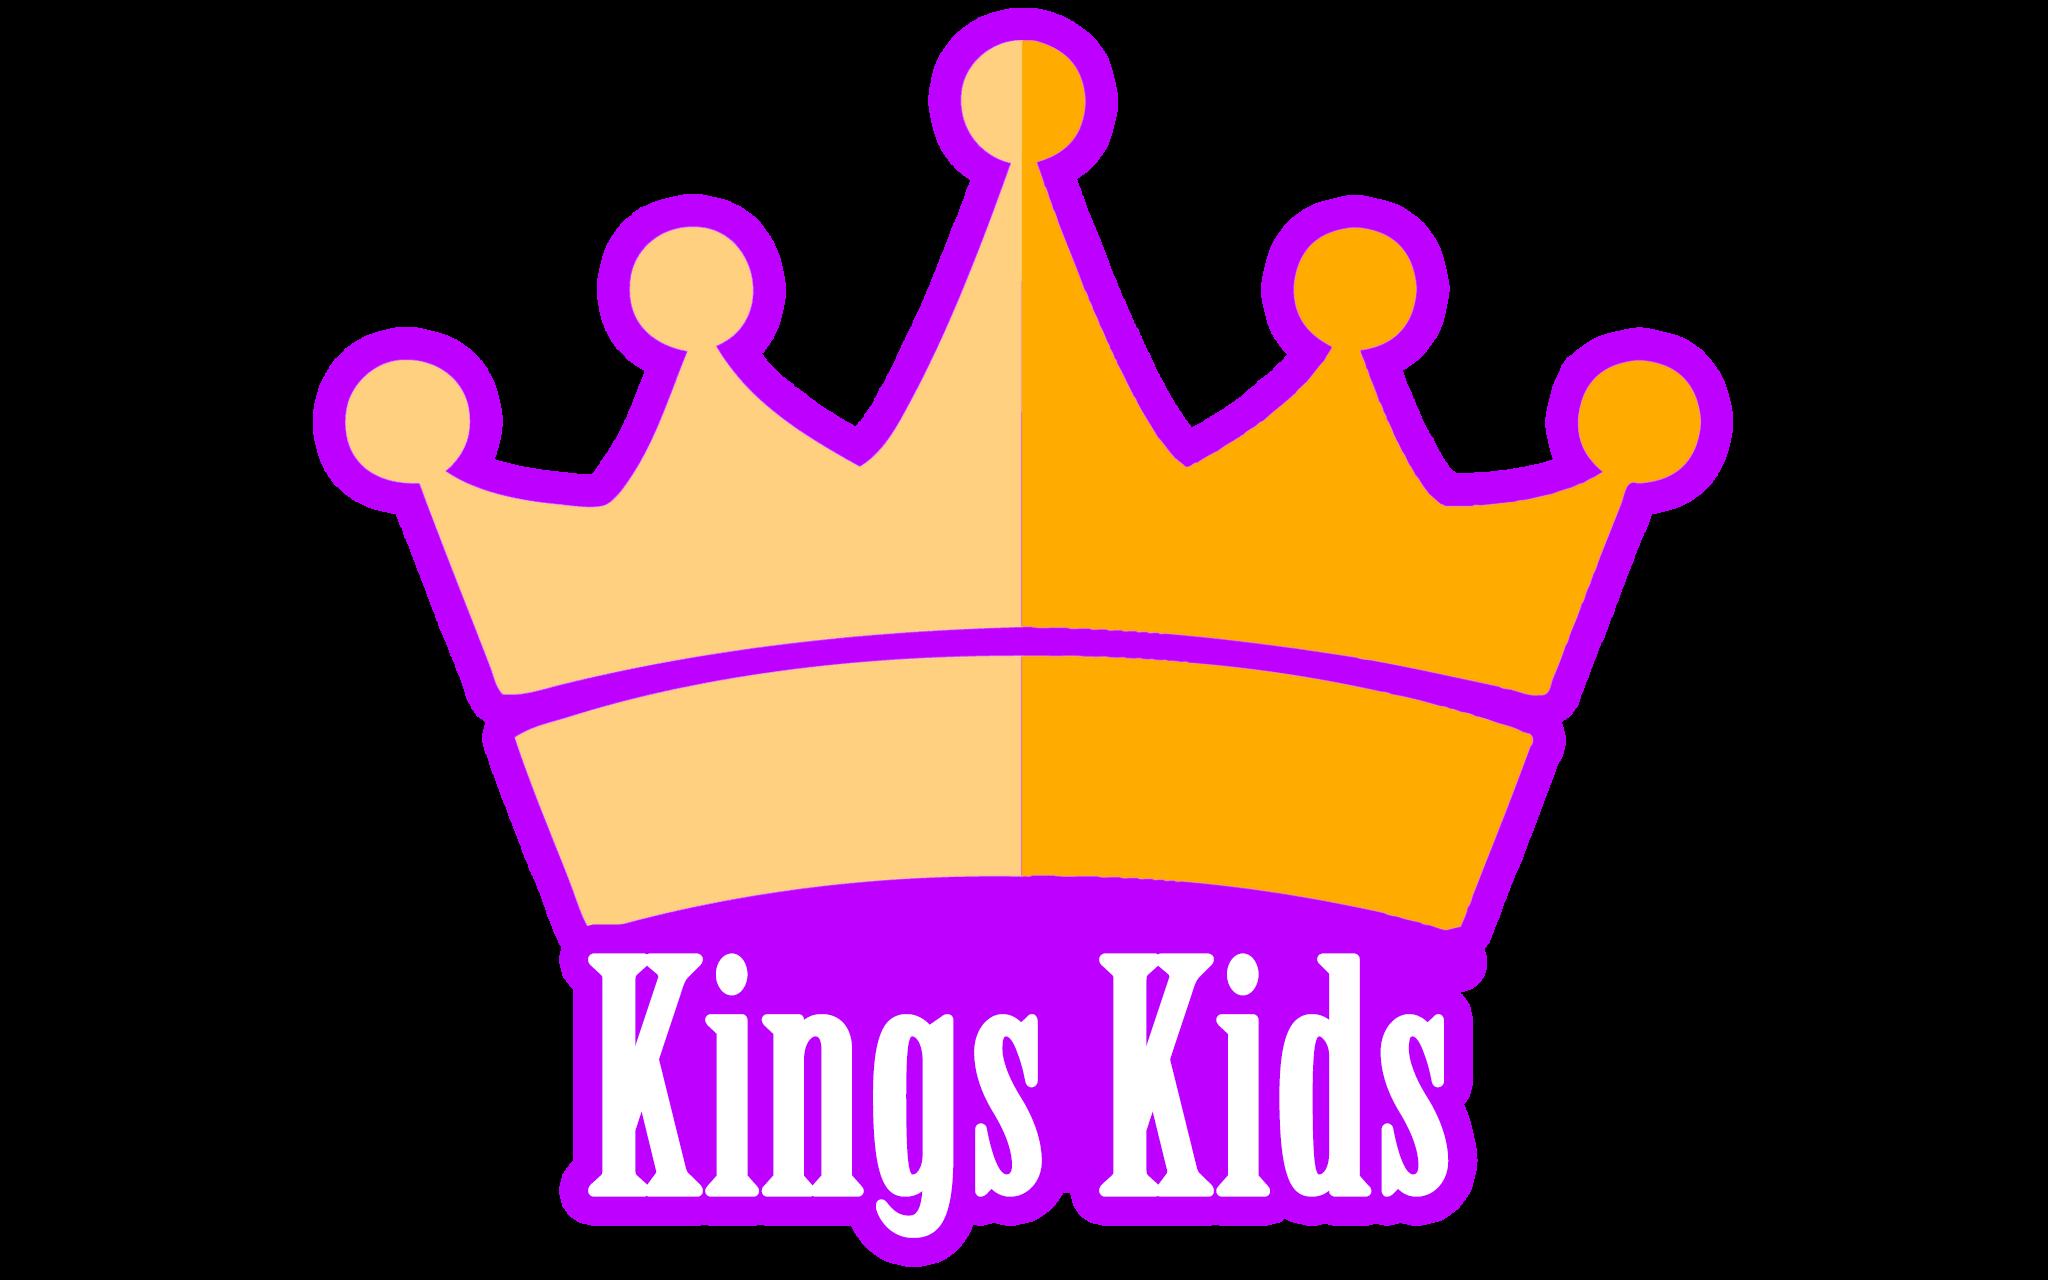 Kings Kids logo